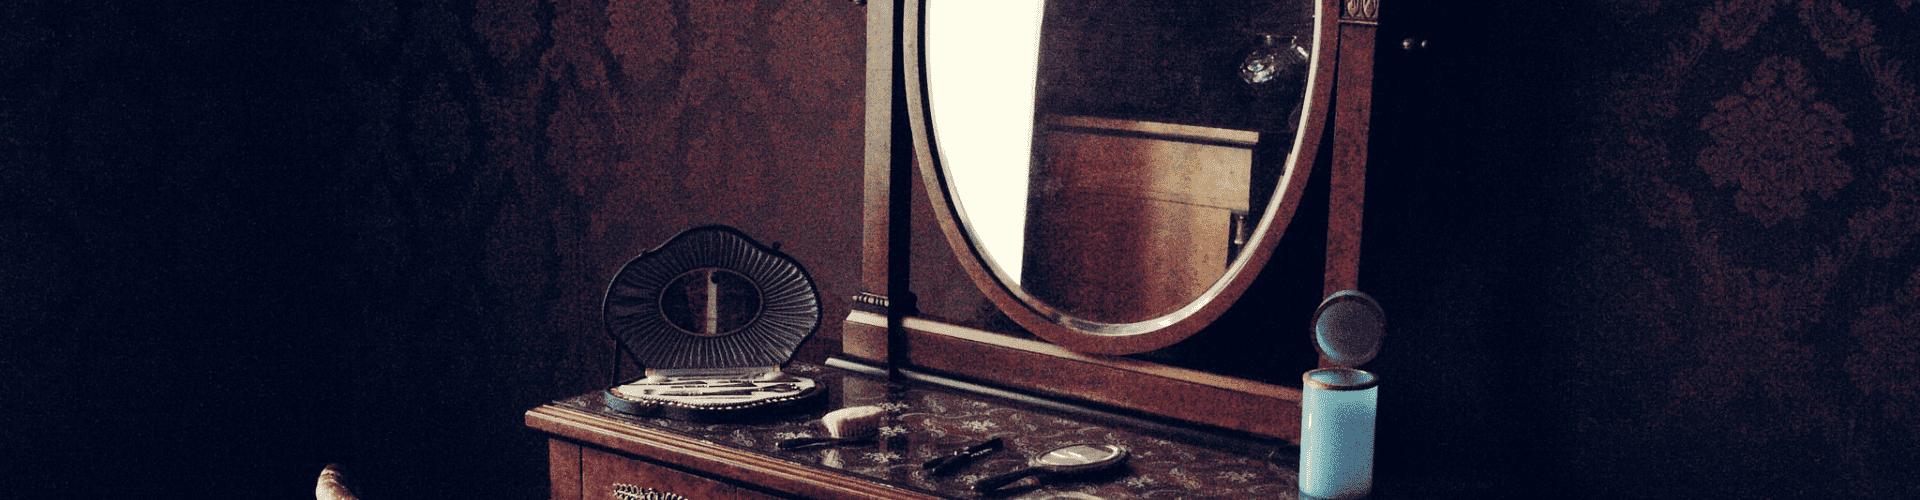 Bureaux, secrétaires et coiffeuses